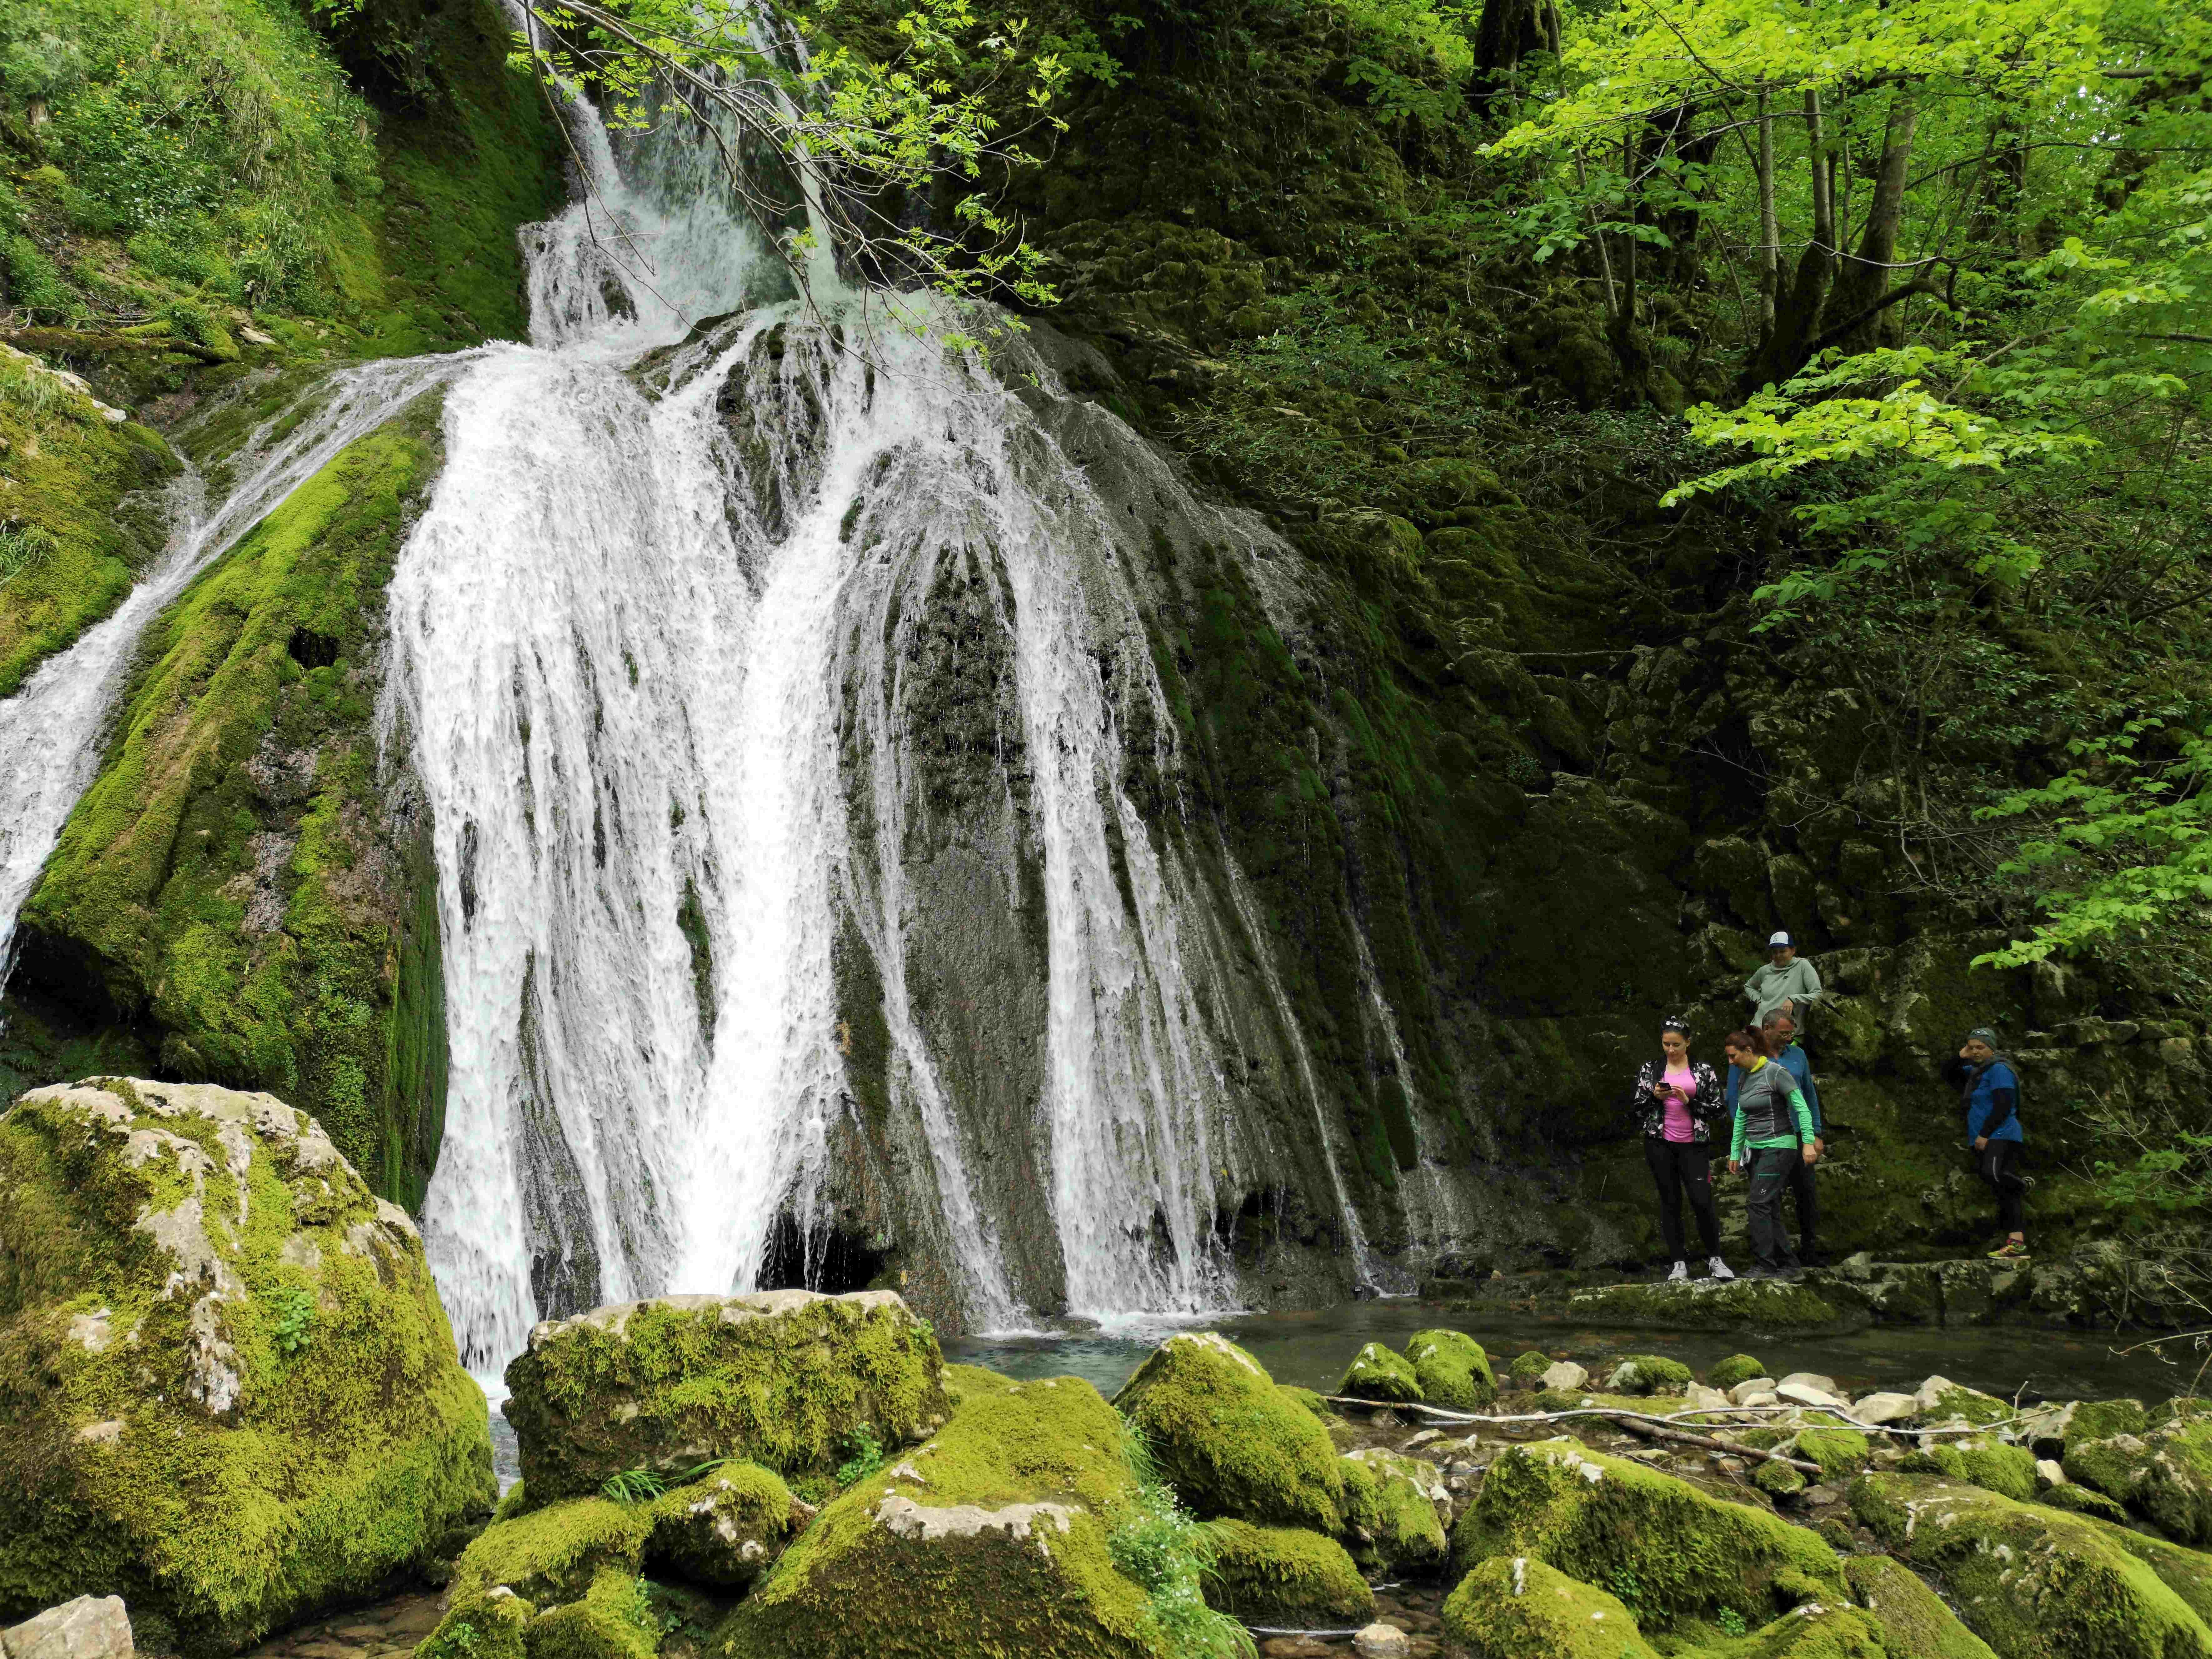 Нижний каскад многокаскадного водопада Ониоре